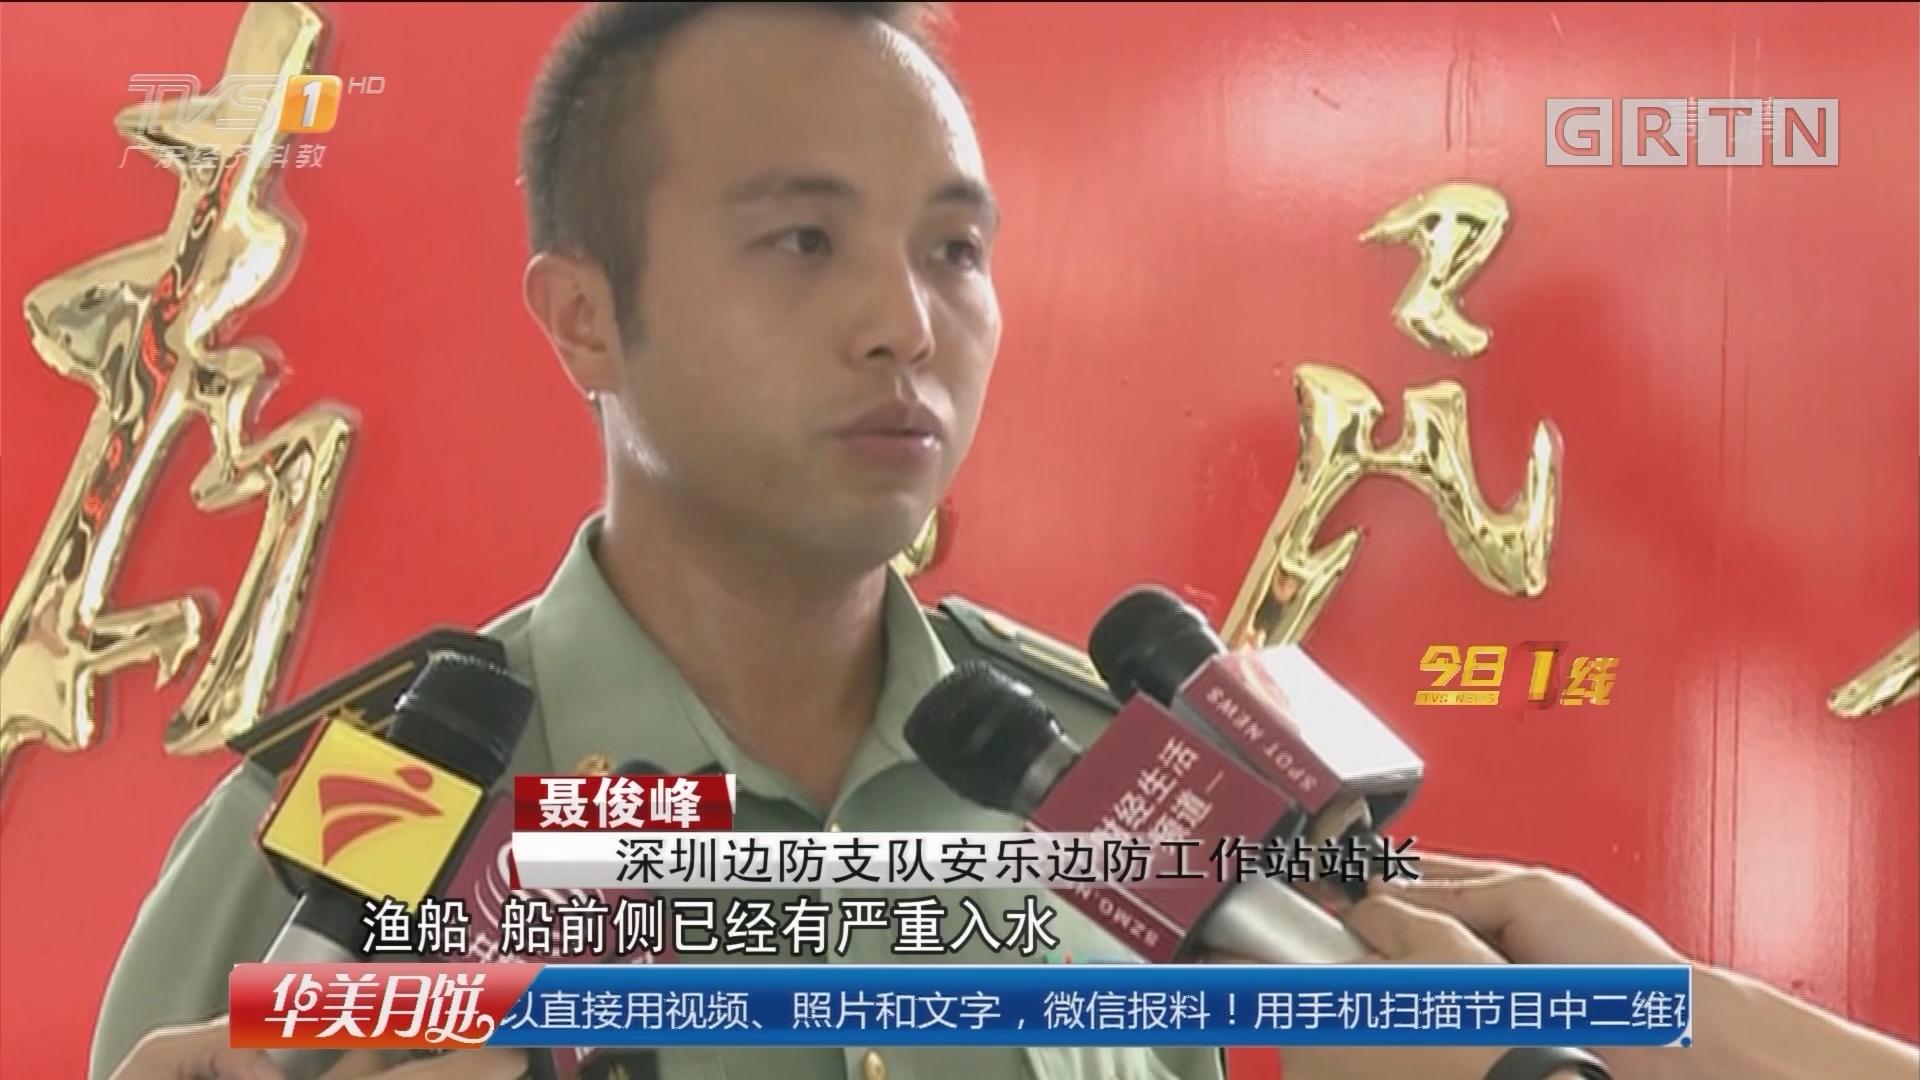 深圳:航道内两船相撞 渔船沉没无人伤亡